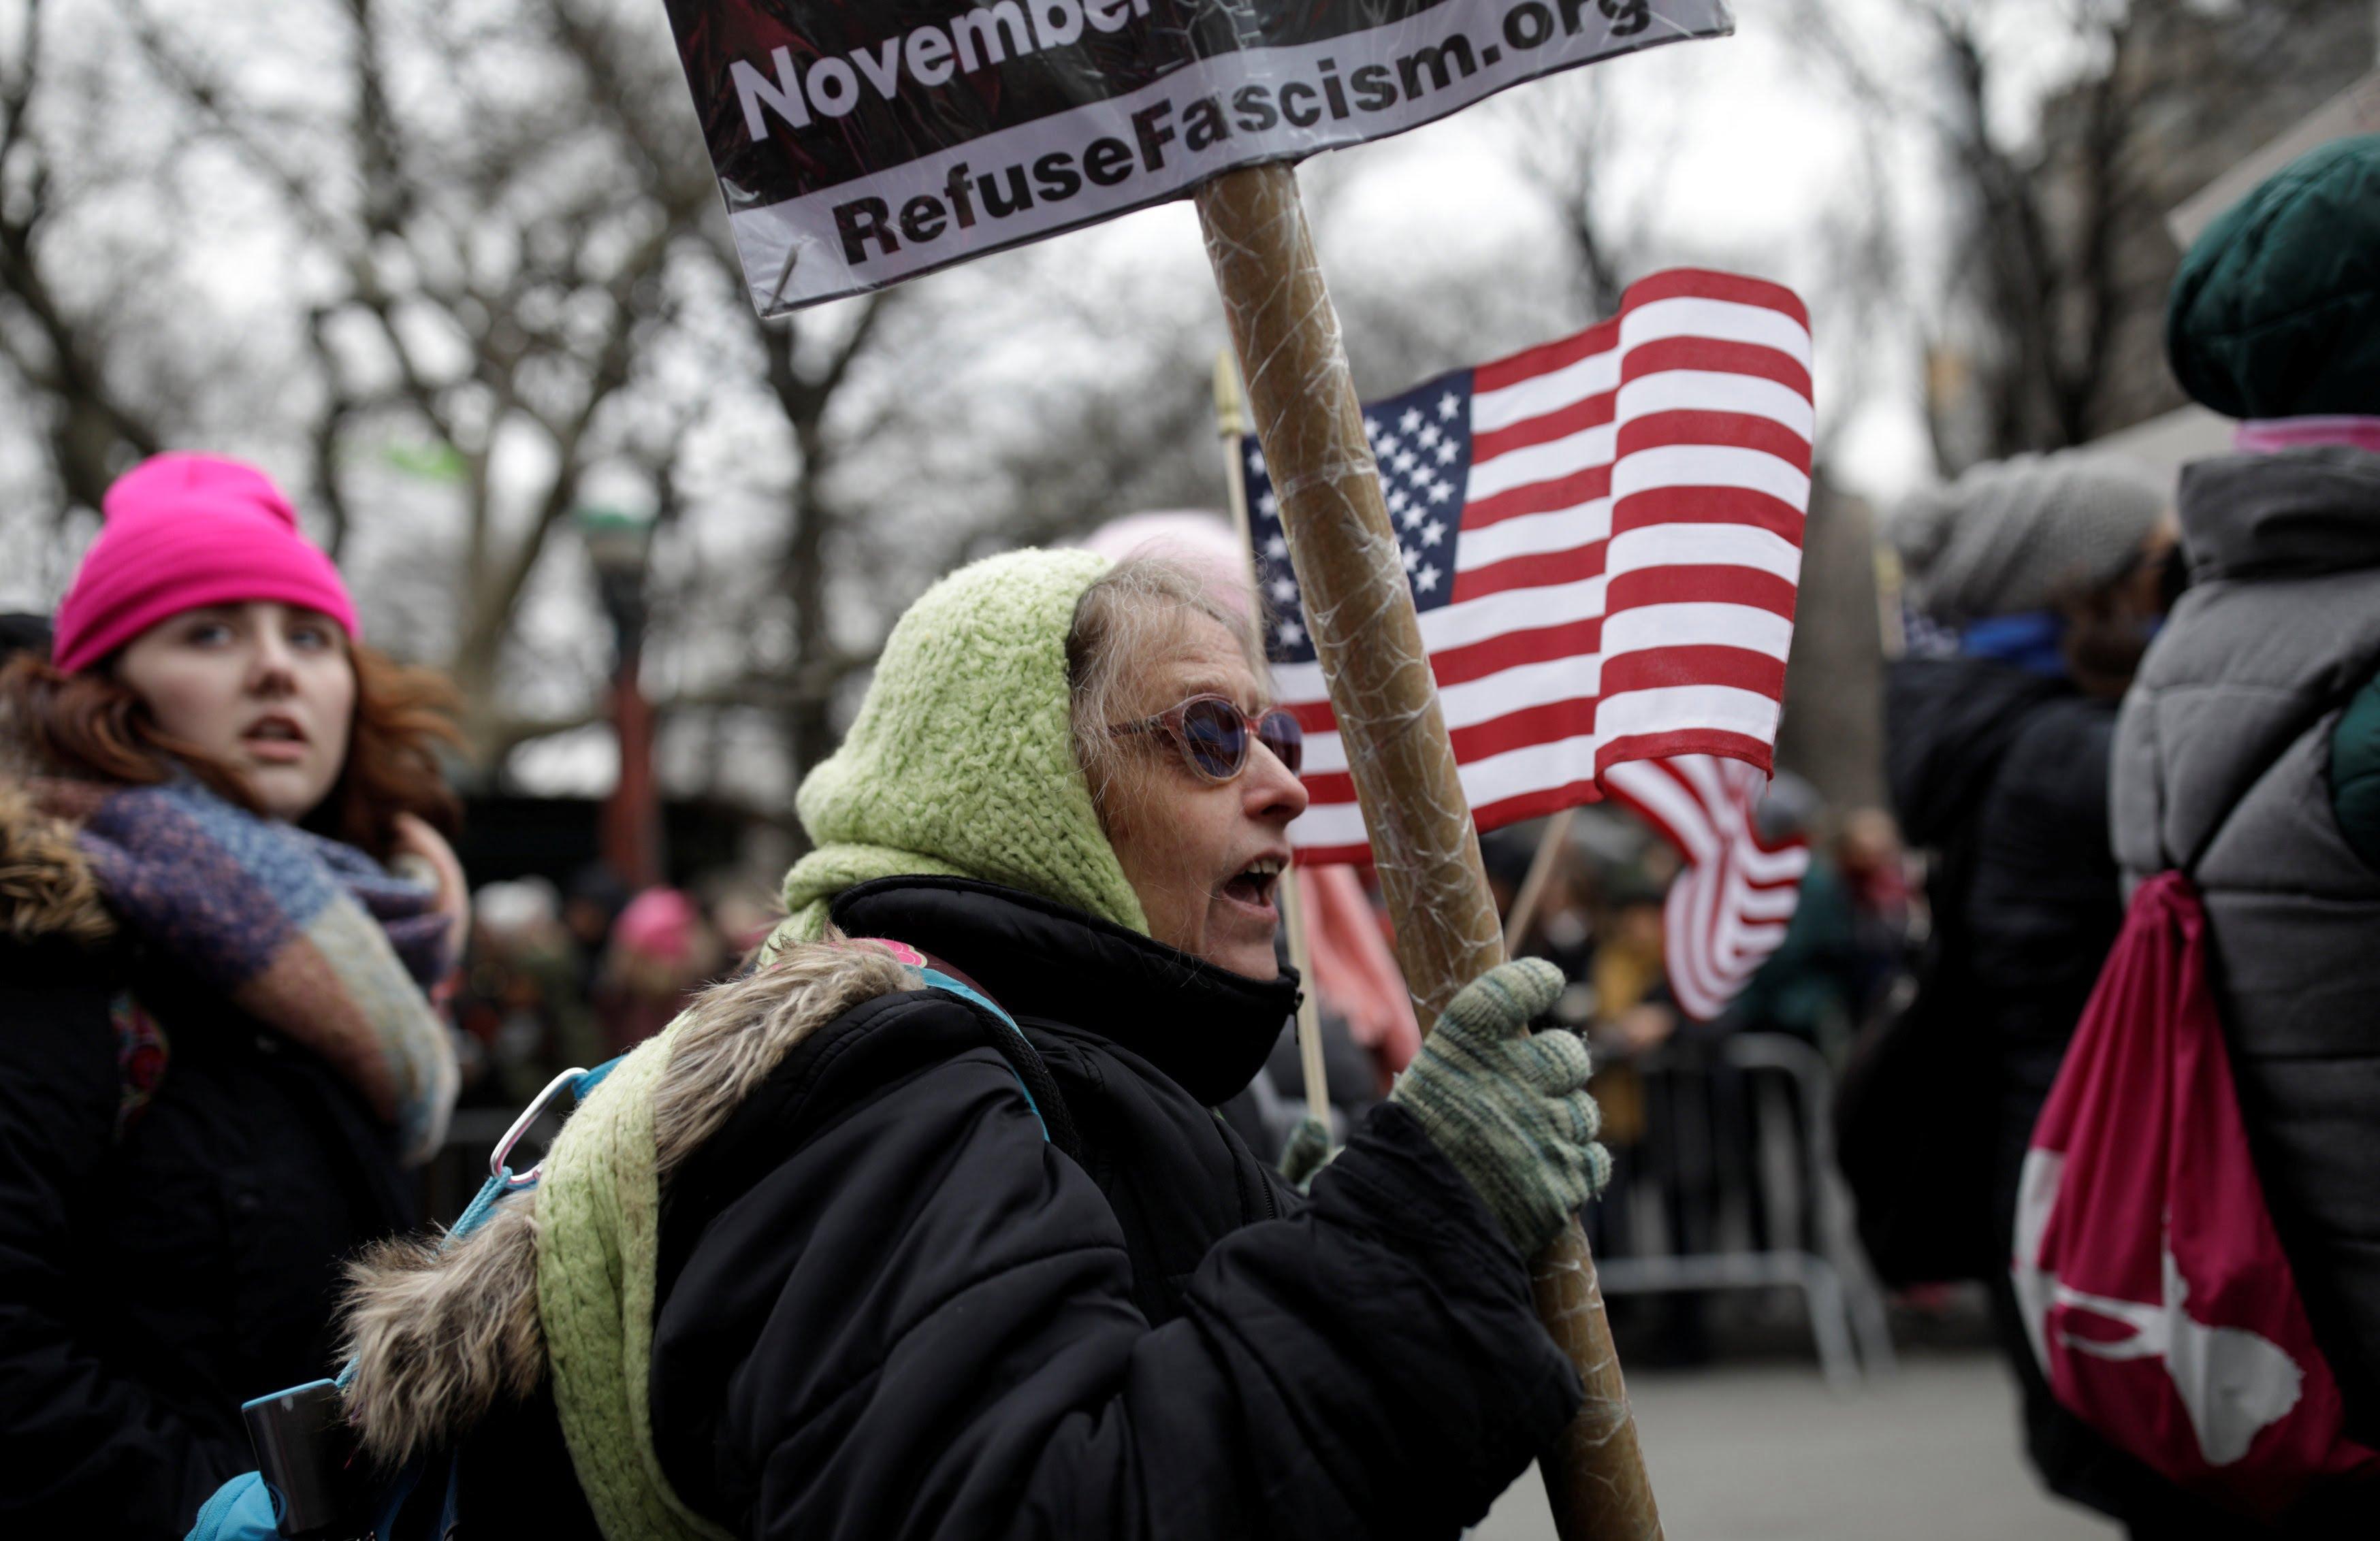 تظاهرات امریکا 1 - تصاویر/ تظاهرات صدها هزار زن امریکایی علیه ترمپ